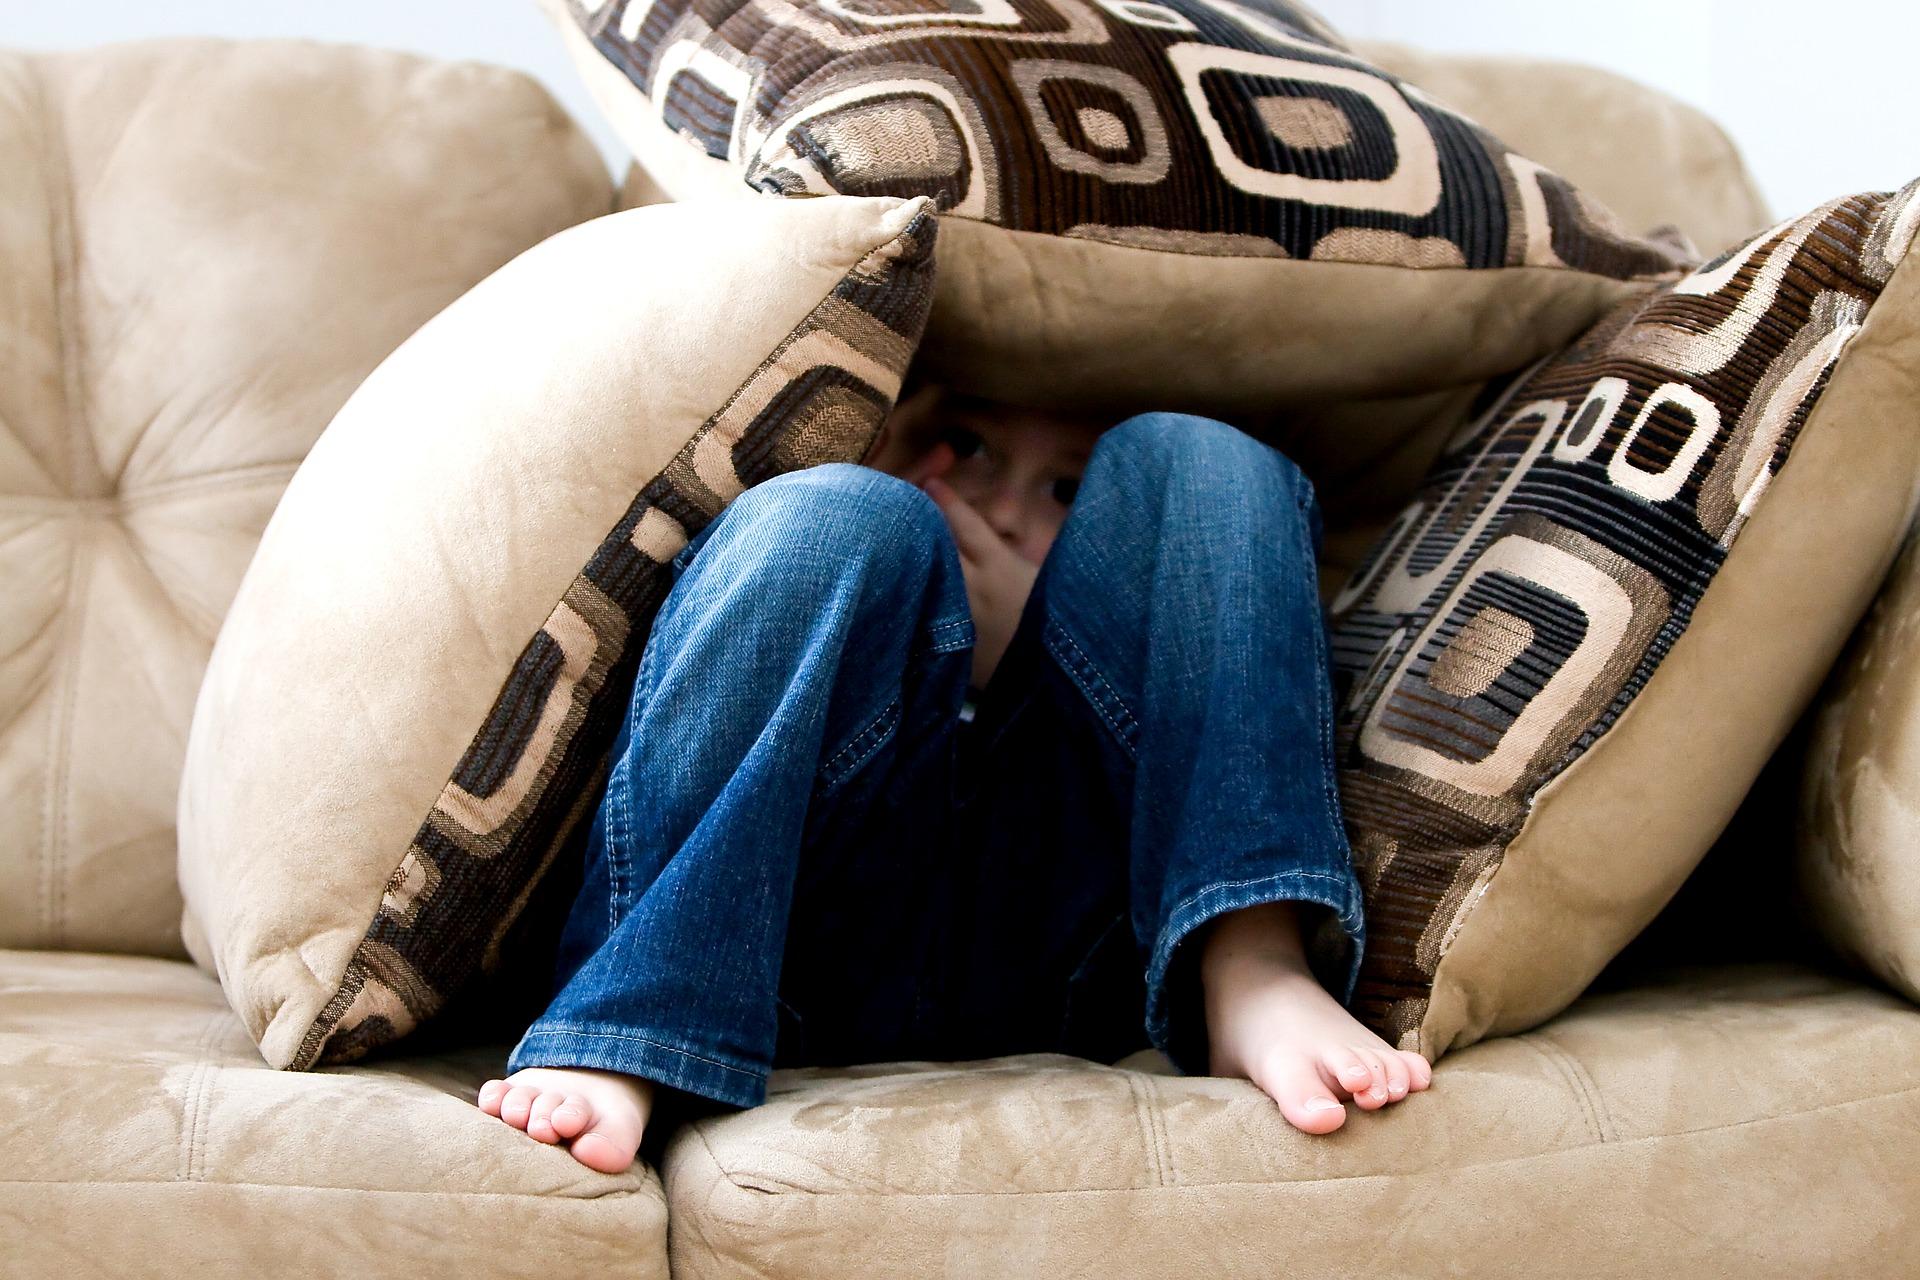 negative Glaubenssätze Kindheit Eltern Prägung ich bin nicht liebenswert.jpg